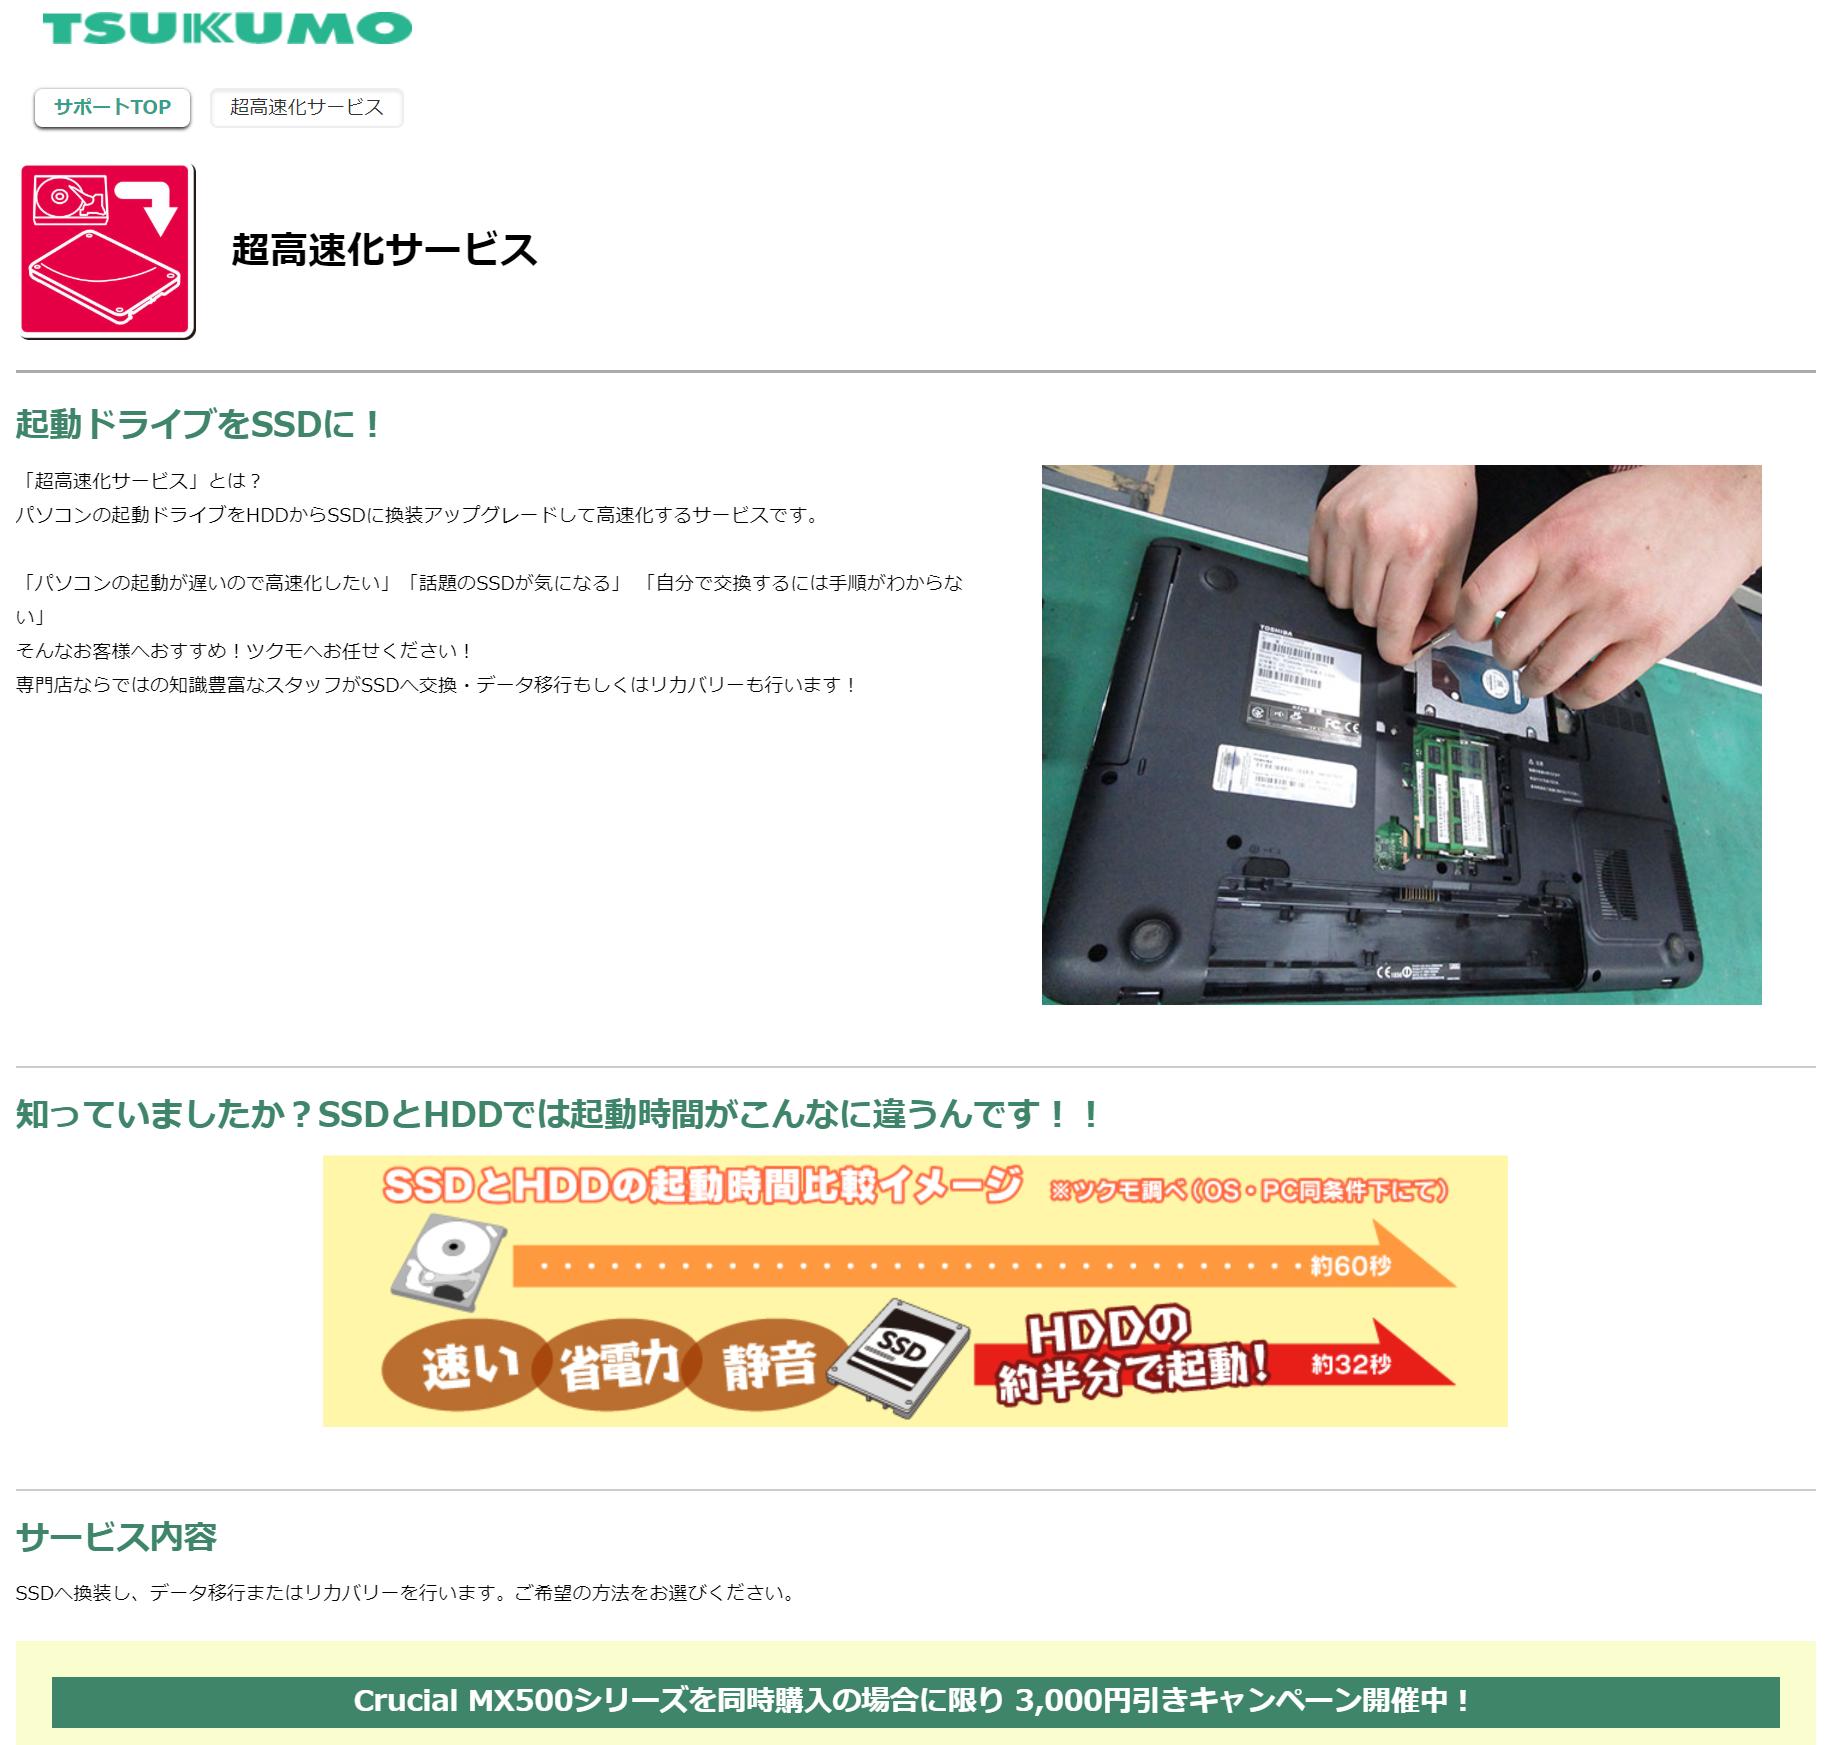 """ツクモ<a href=""""https://support.tsukumo.co.jp/contents/high_speed/"""" class=""""n"""" target=""""_blank"""">「超高速化サービス」のウェブページ</a>"""